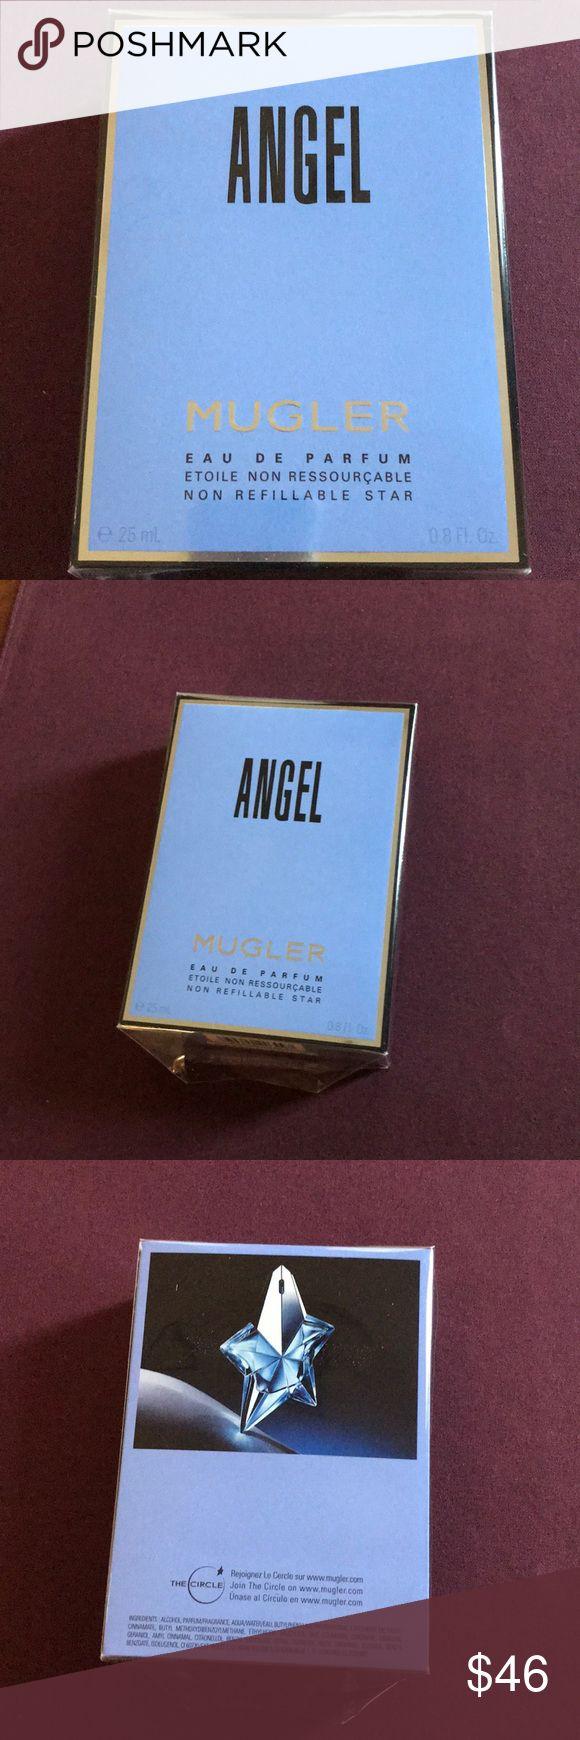 ANGEL EAU DE PARFUM. Angel Mugler EAU De Parfum. 0.8 FL oz. Brand new in box. Lovely scent! Angel by Thierry Mugler Makeup